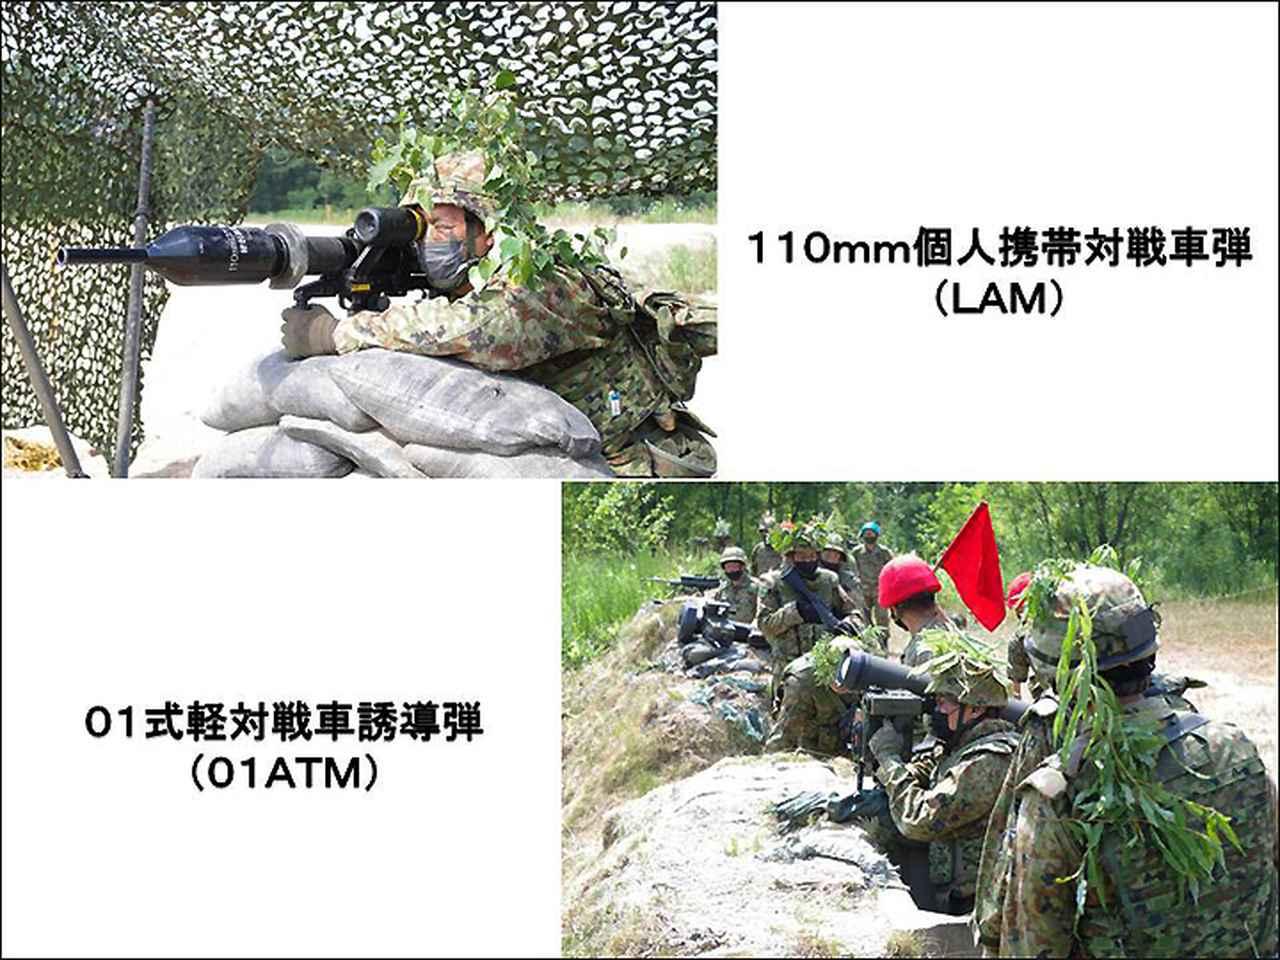 画像: (上)LAM 石島3陸曹(第1中隊)(下)01ATM 簗瀬3陸曹(第2中隊)